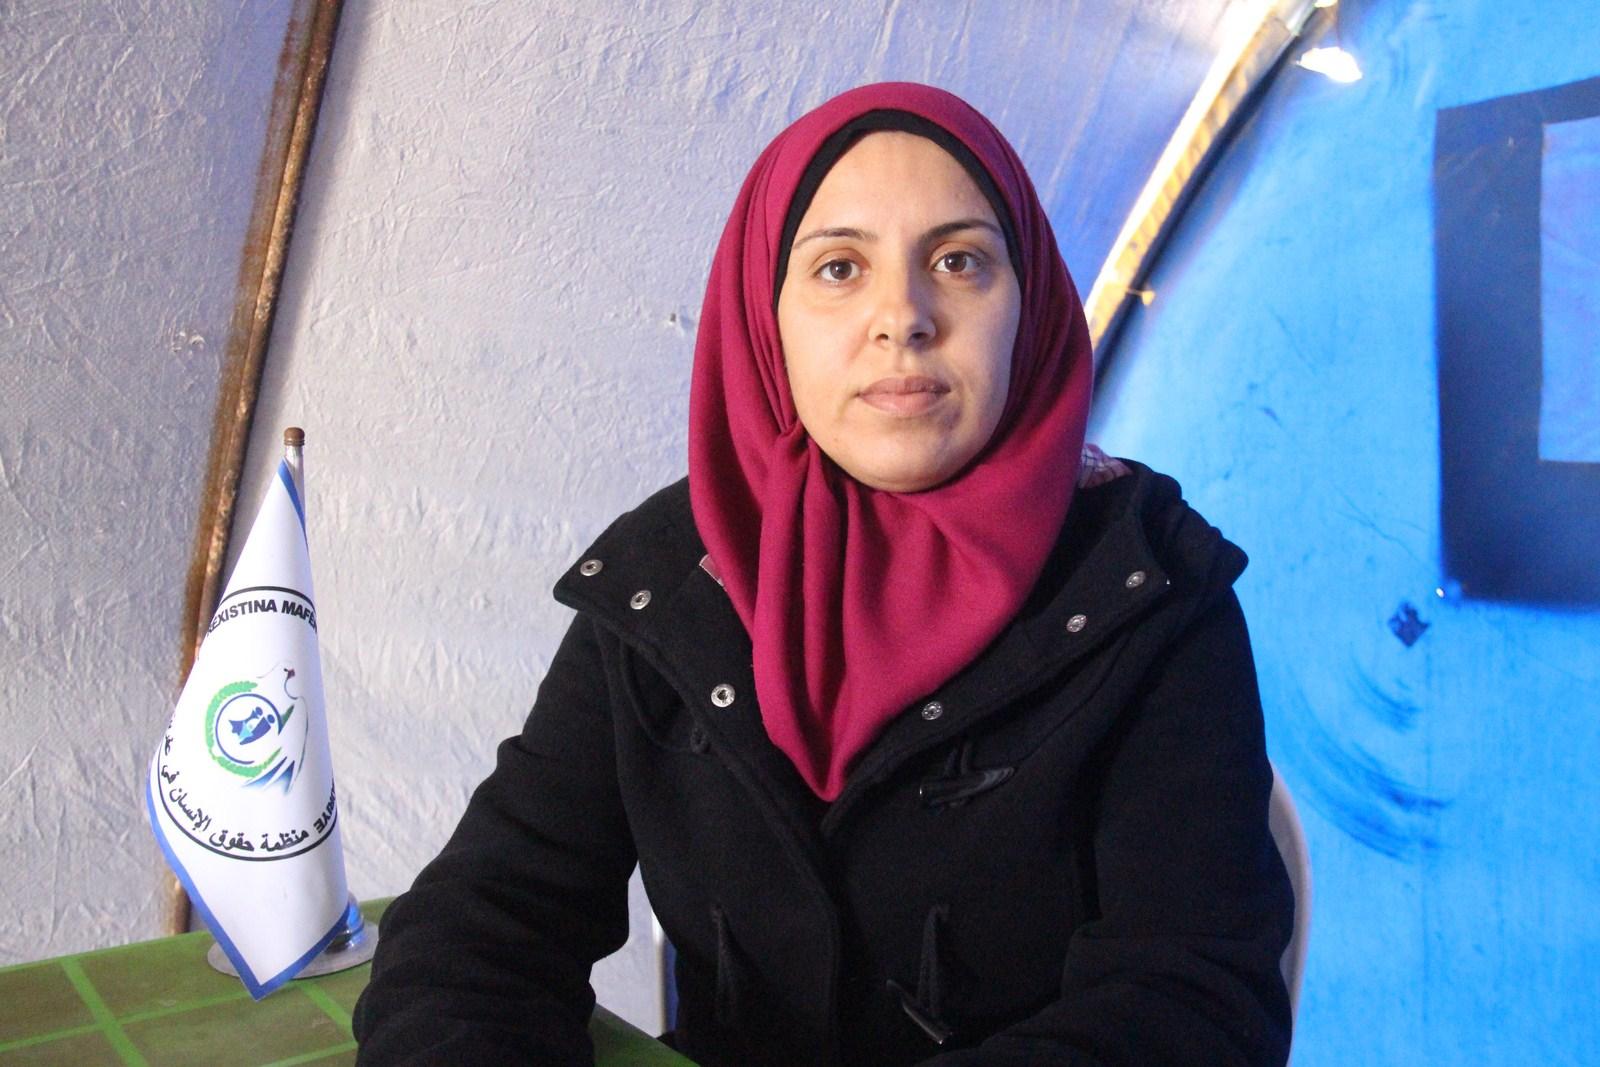 Photo of Rêxistina Mafê Mirovan a Efrînê: Tirkiyê sûcên şer didomîne û heta niha 300 zarok bûne qurbanî